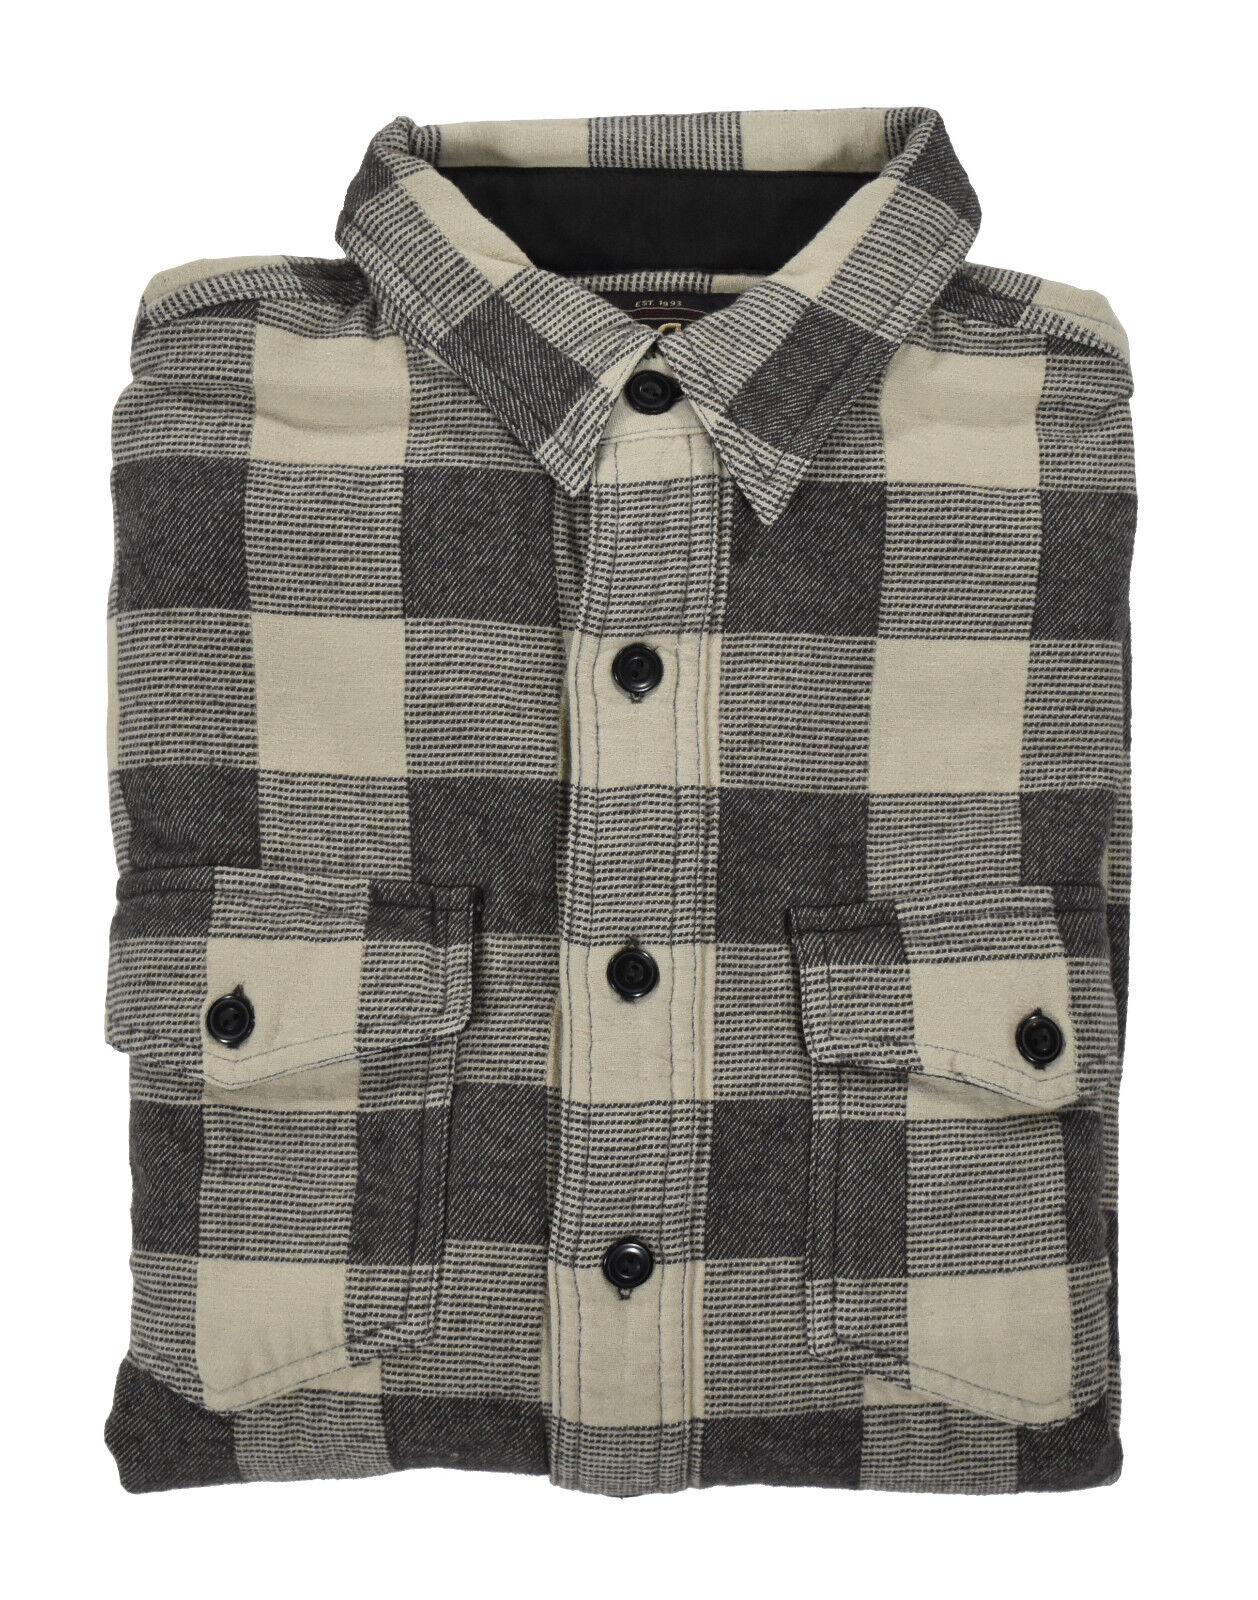 Ralph Lauren RRL Vintage Heavy Cotton Plaid Flannel Shirt New